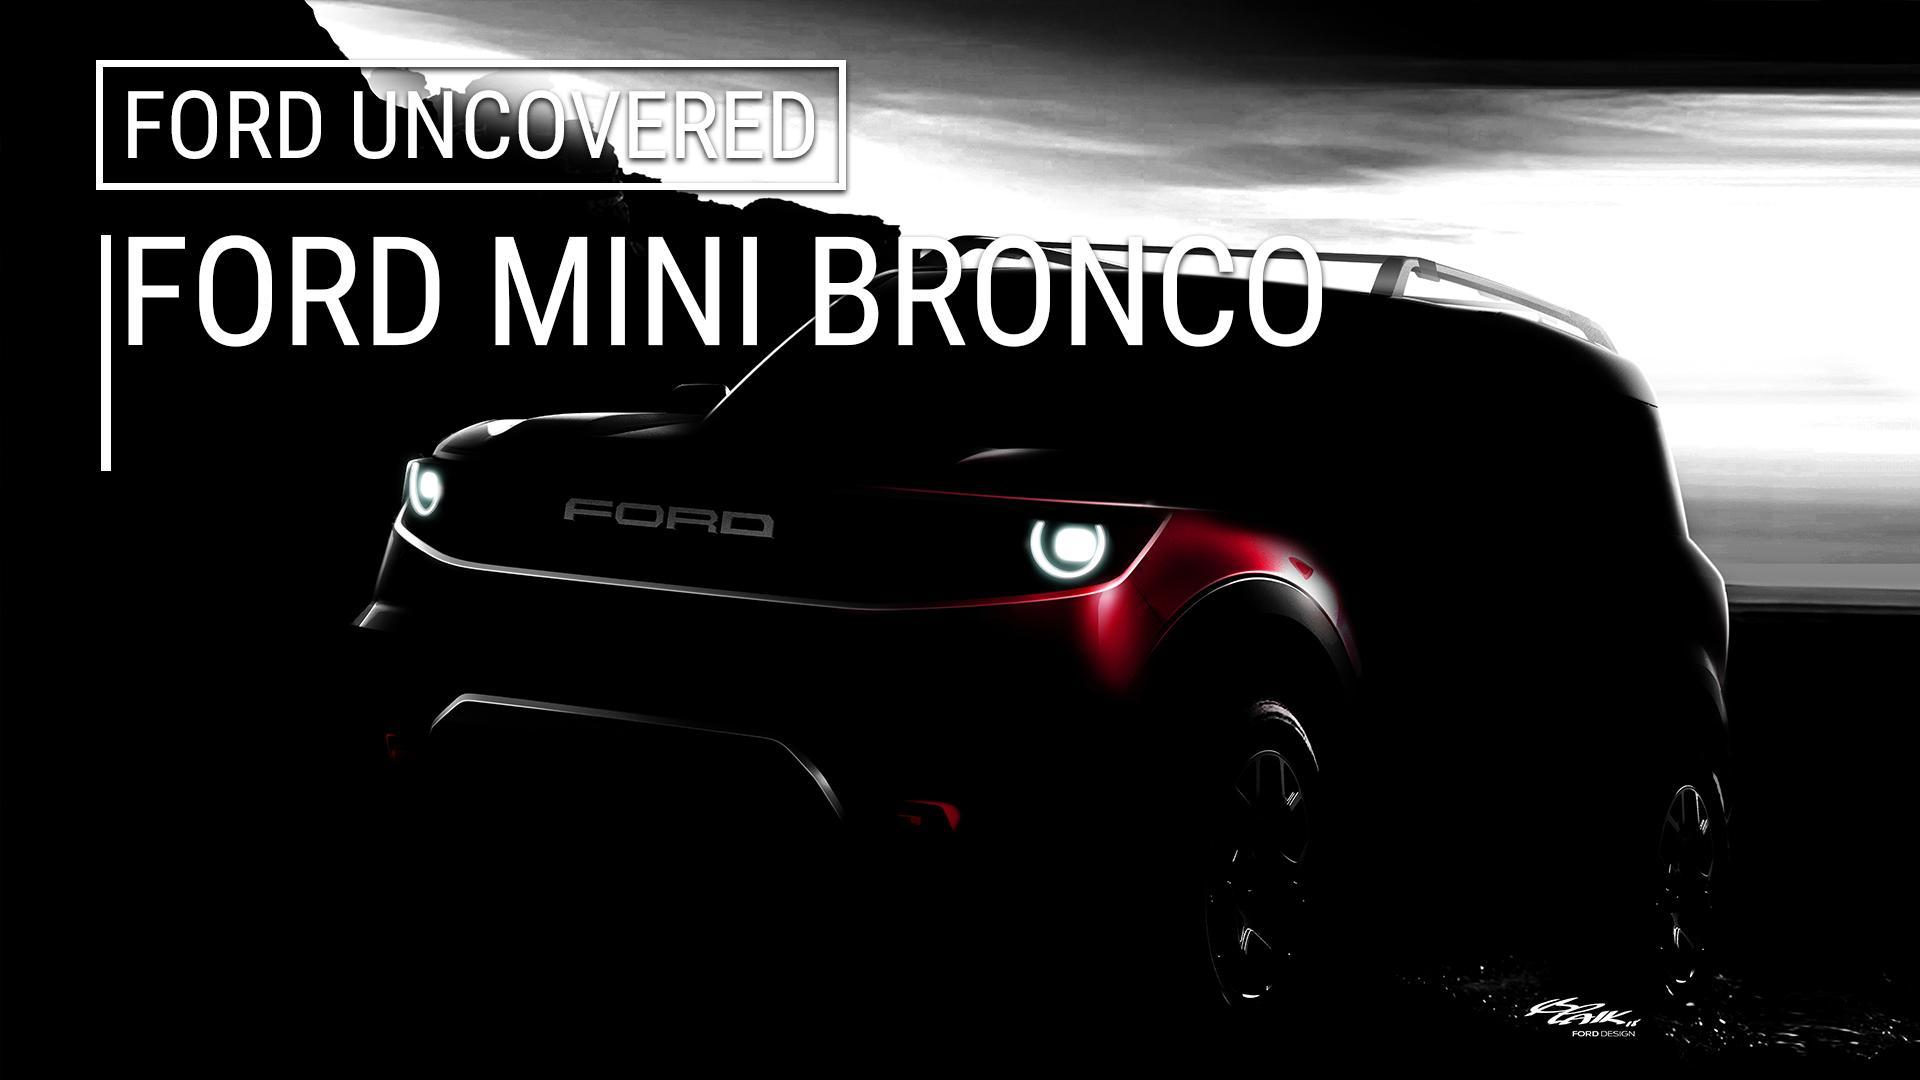 2020 Ford Baby Bronco Presentation Images Leak Online Autoblog